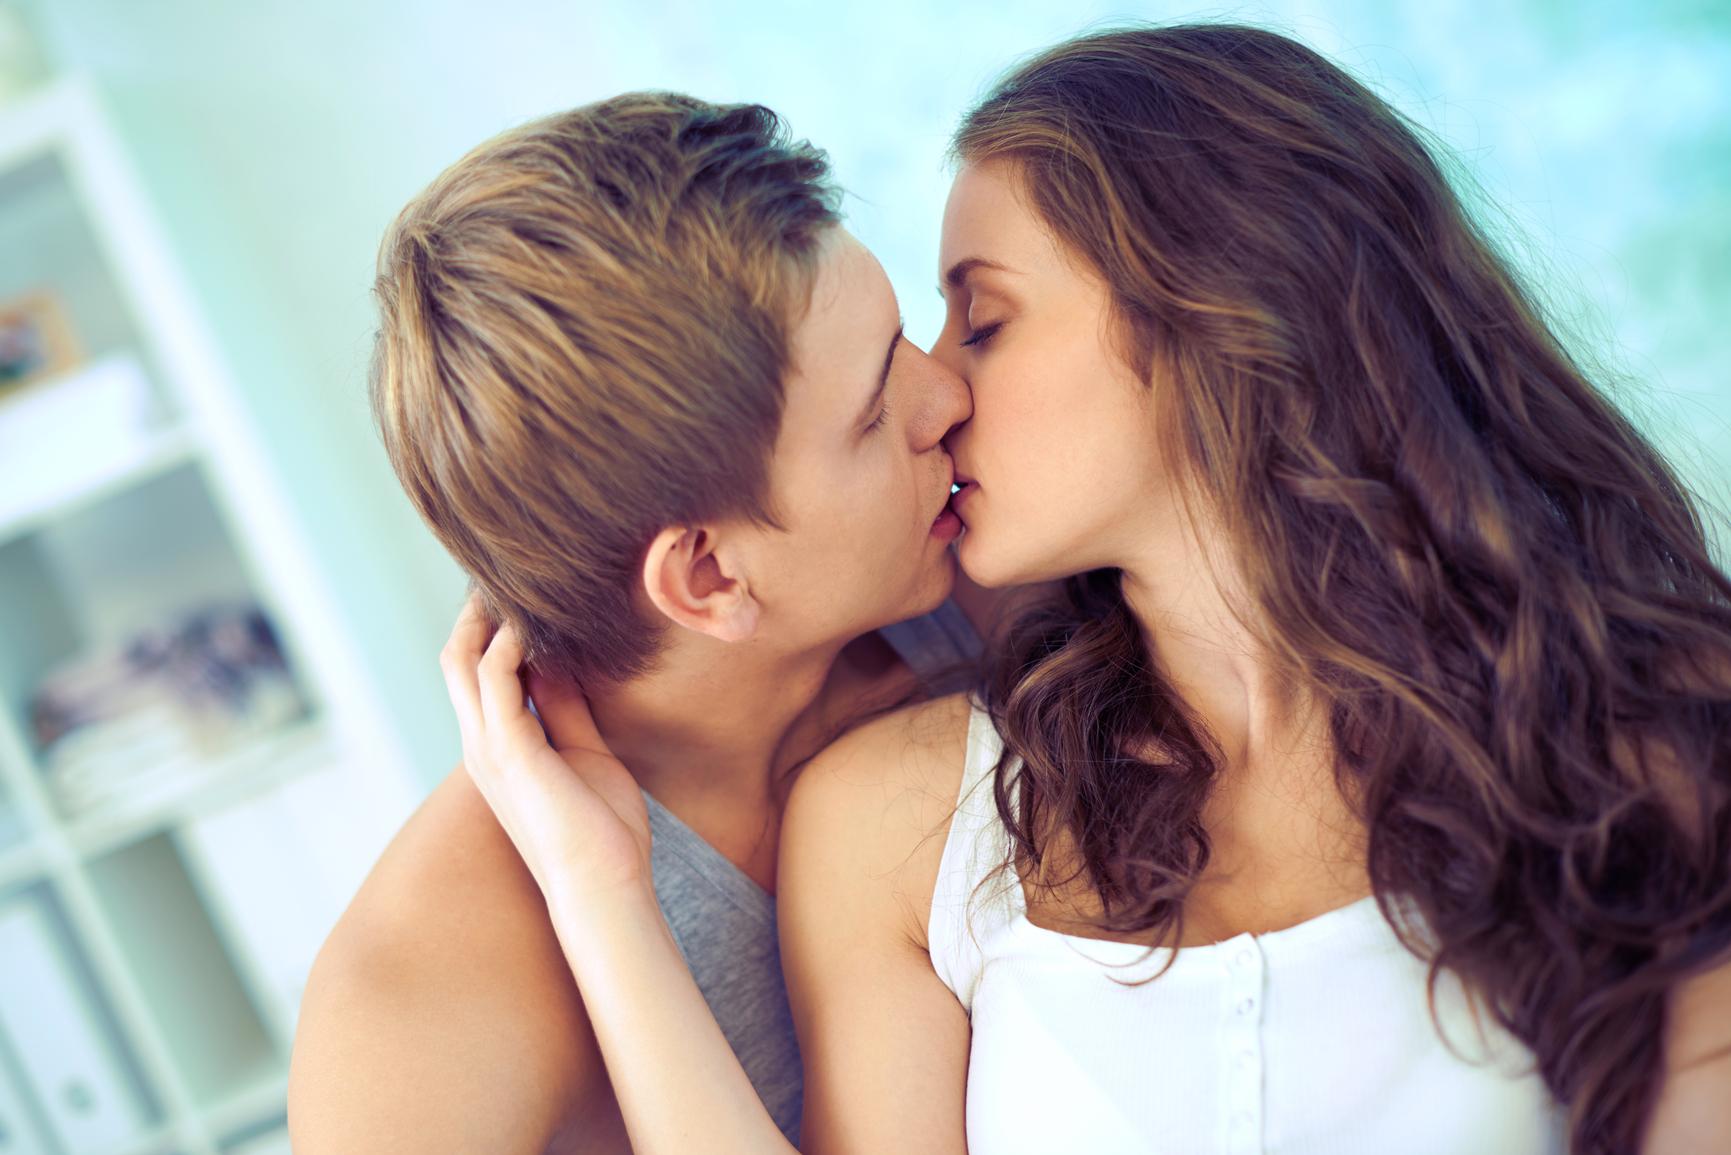 Смотреть онлайн як робити секс 21 фотография